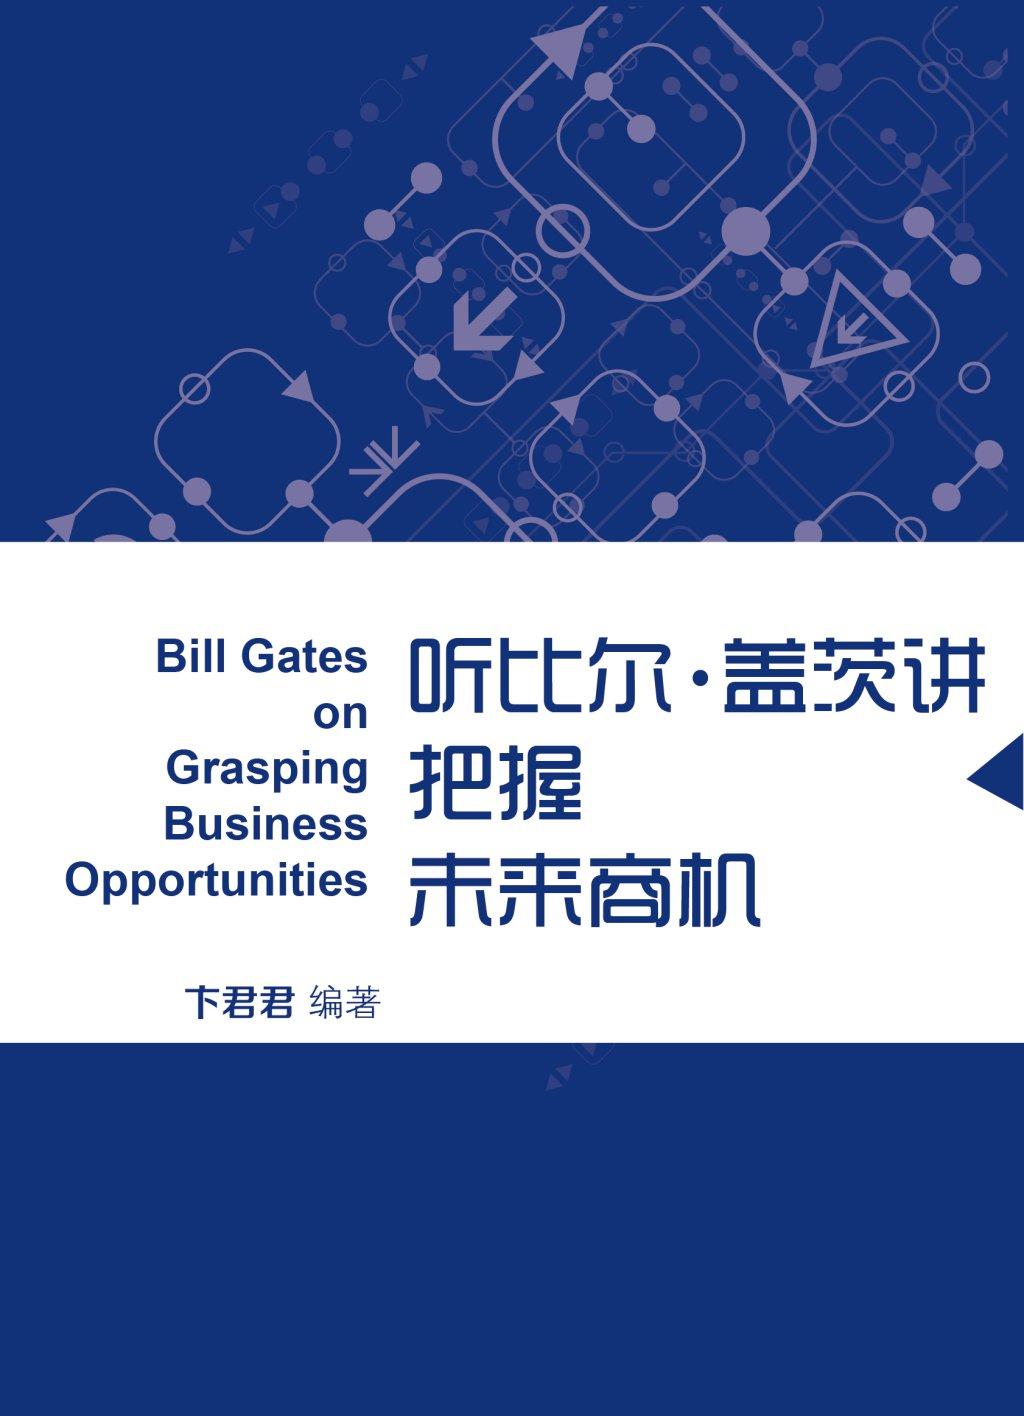 听比尔·盖茨讲把握未来商机(蓝狮子速读系列-管理024)